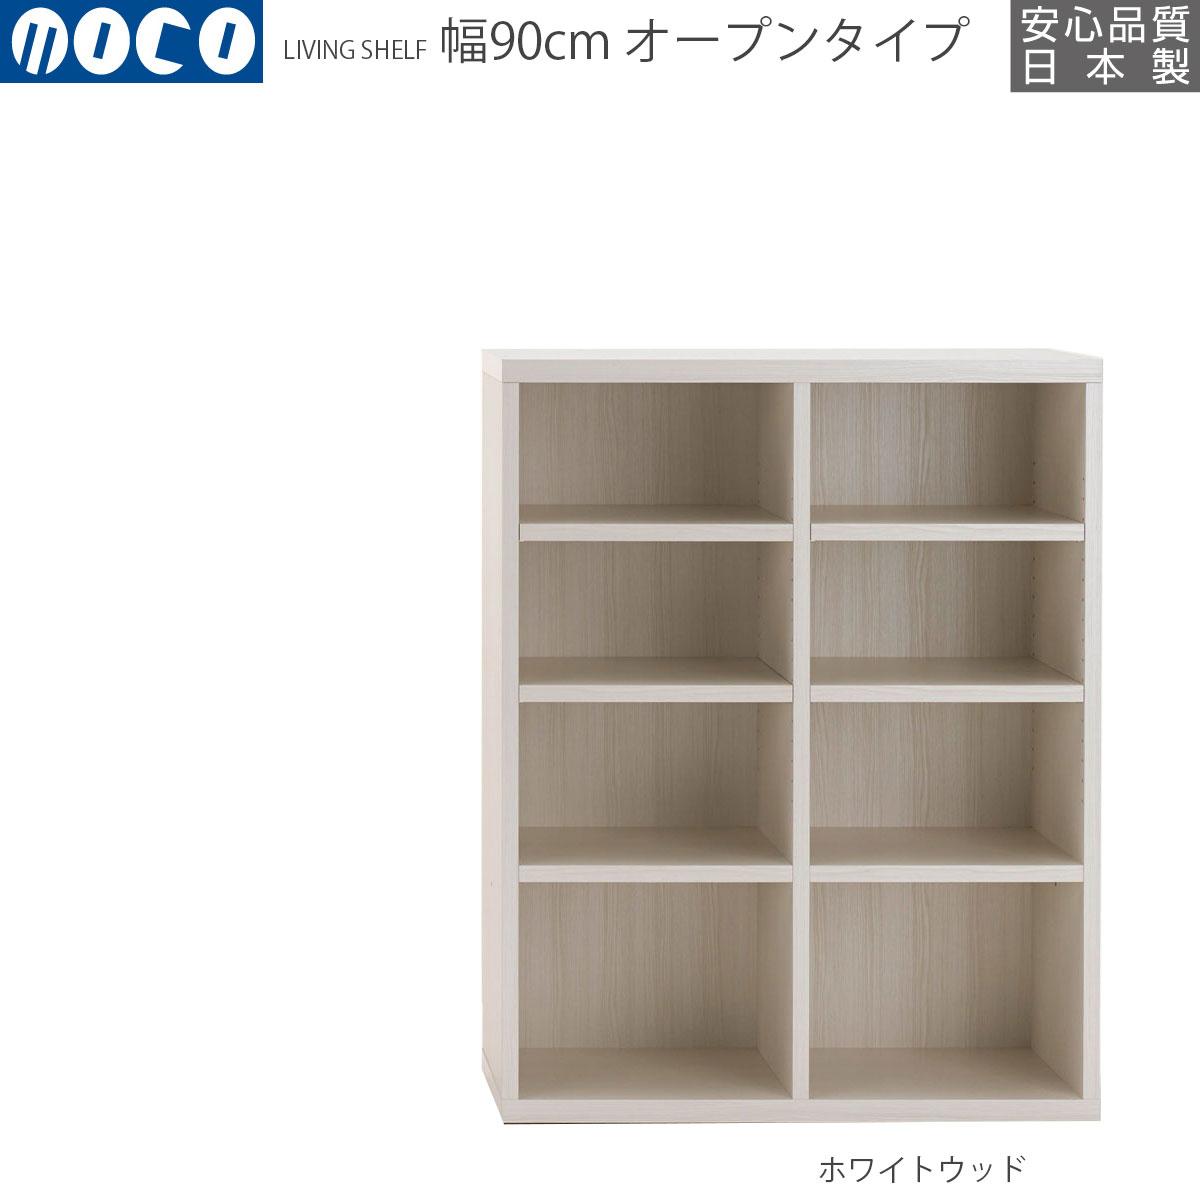 本棚 完成品 フナモコ リビングシェルフ 幅90×高さ113.8cm ホワイトウッド LFS-90 日本製 国産